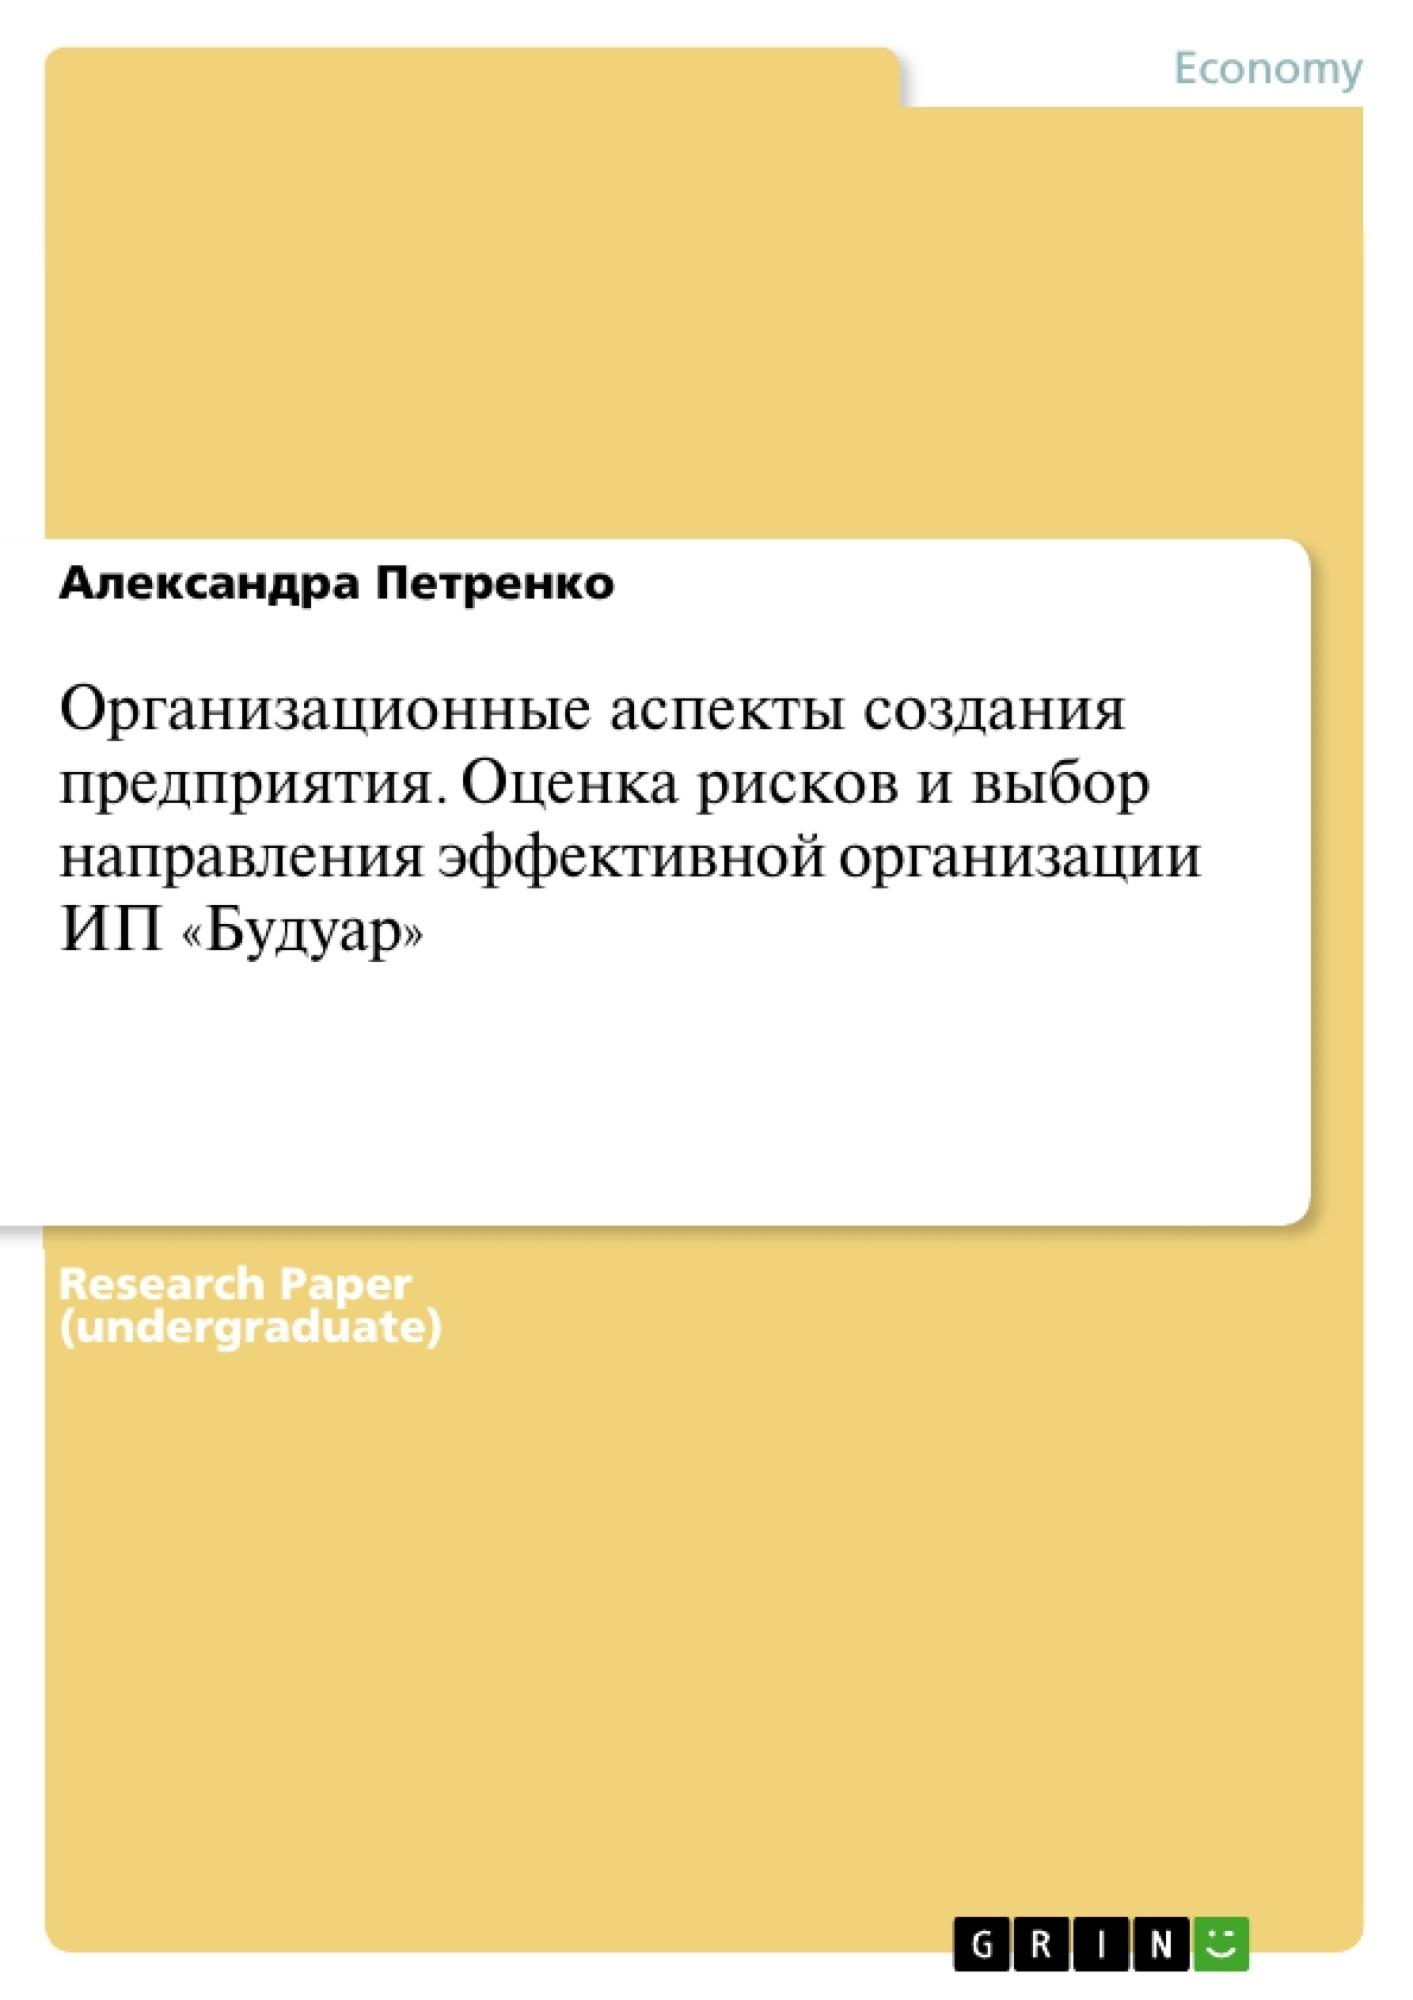 Title: Организационные аспекты создания предприятия. Оценка рисков и выбор направления эффективной организации ИП «Будуар»